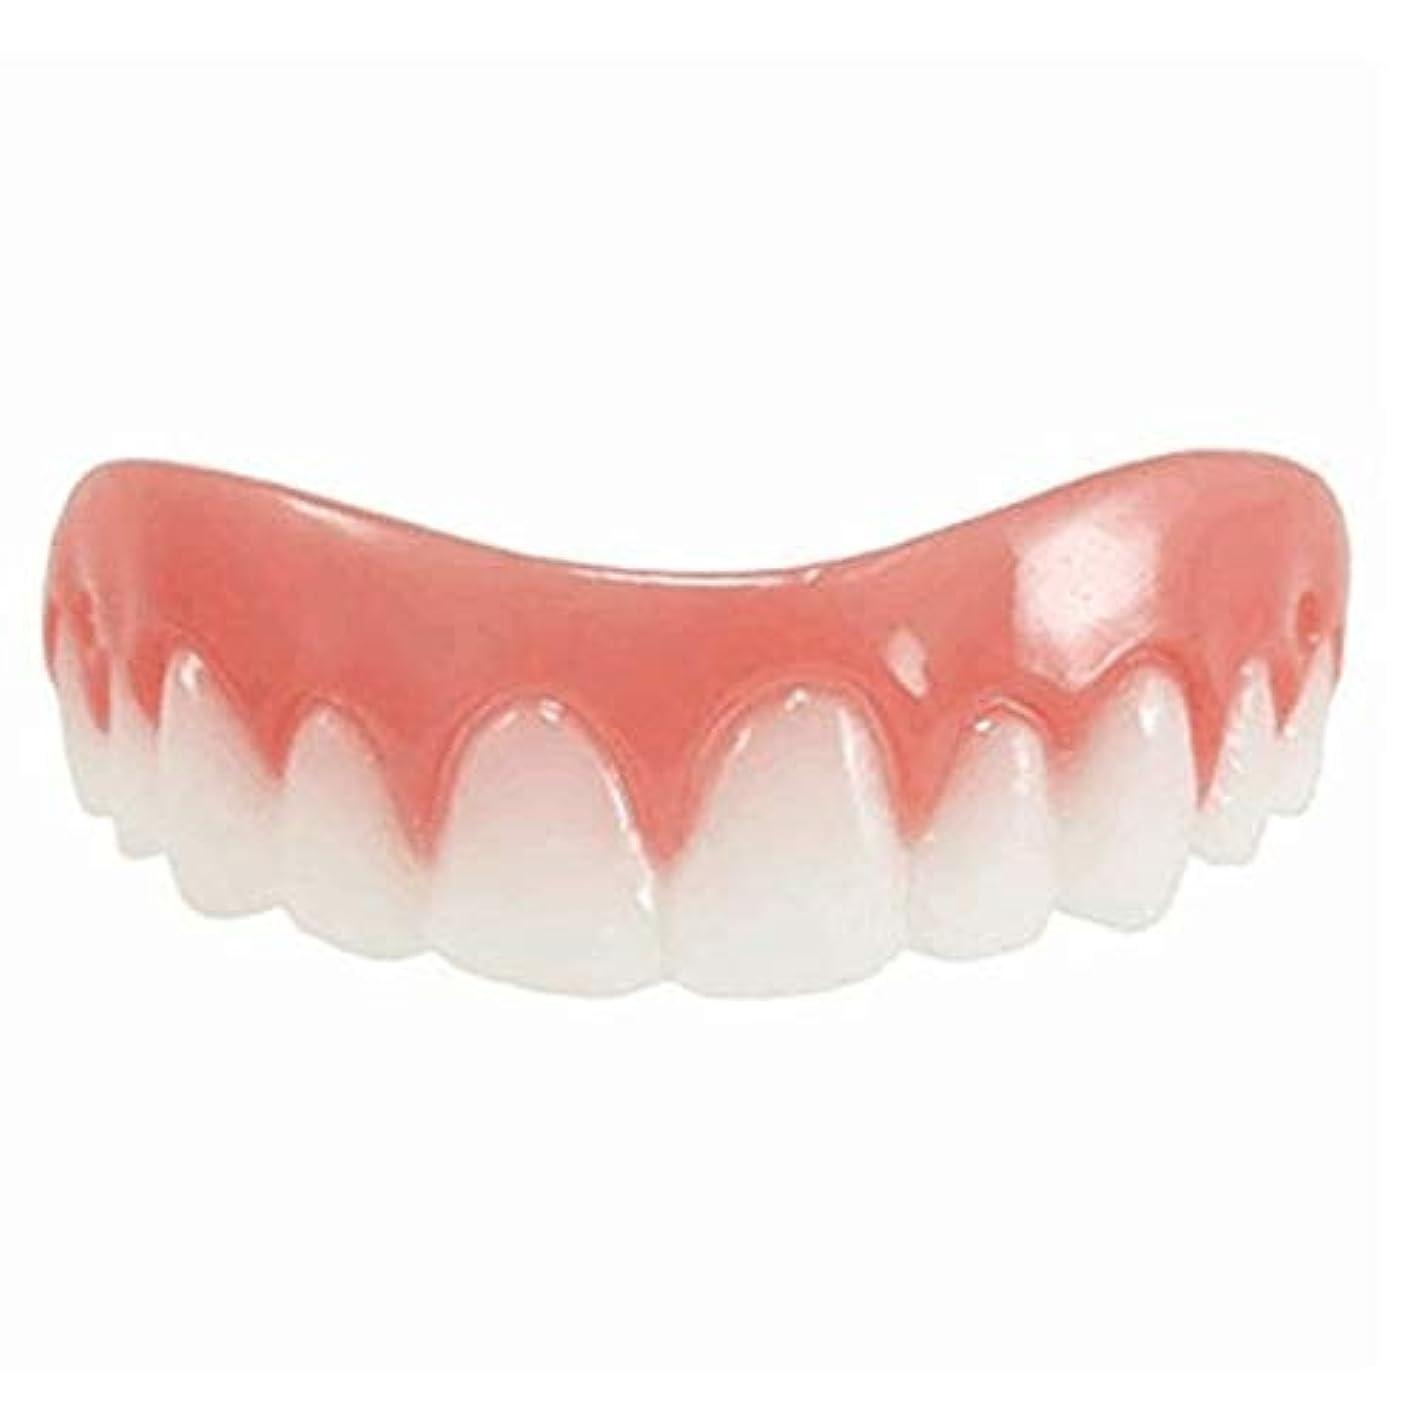 連鎖バレエ見えないシリコンシミュレーション義歯、歯科用ベニヤホワイトトゥースセット(1個),A